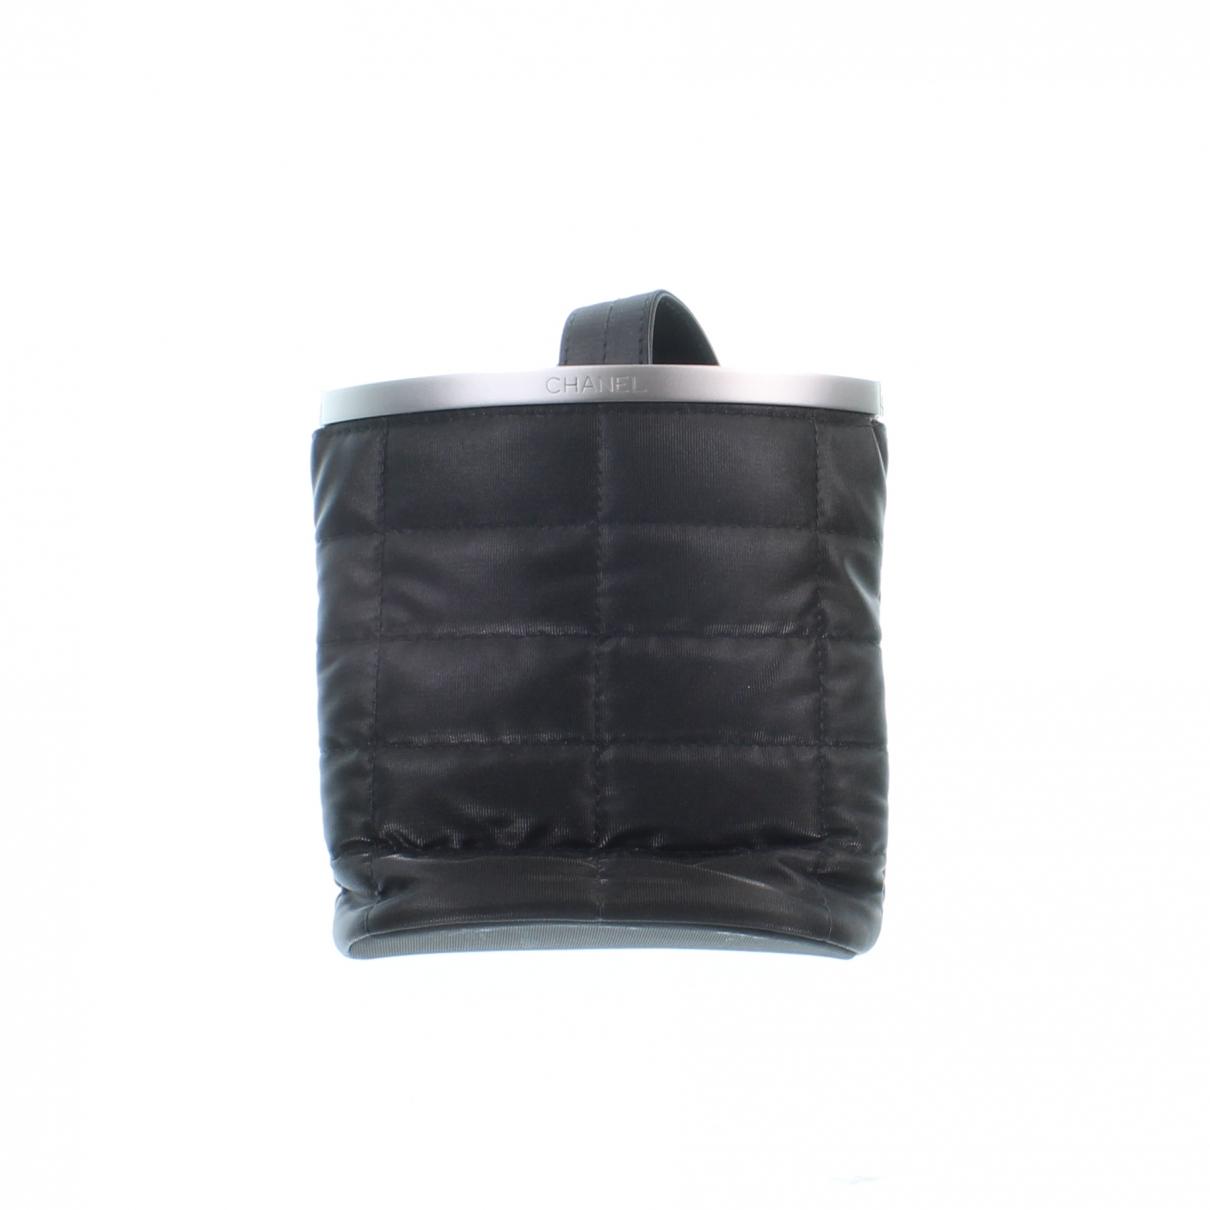 Chanel \N Grey handbag for Women \N